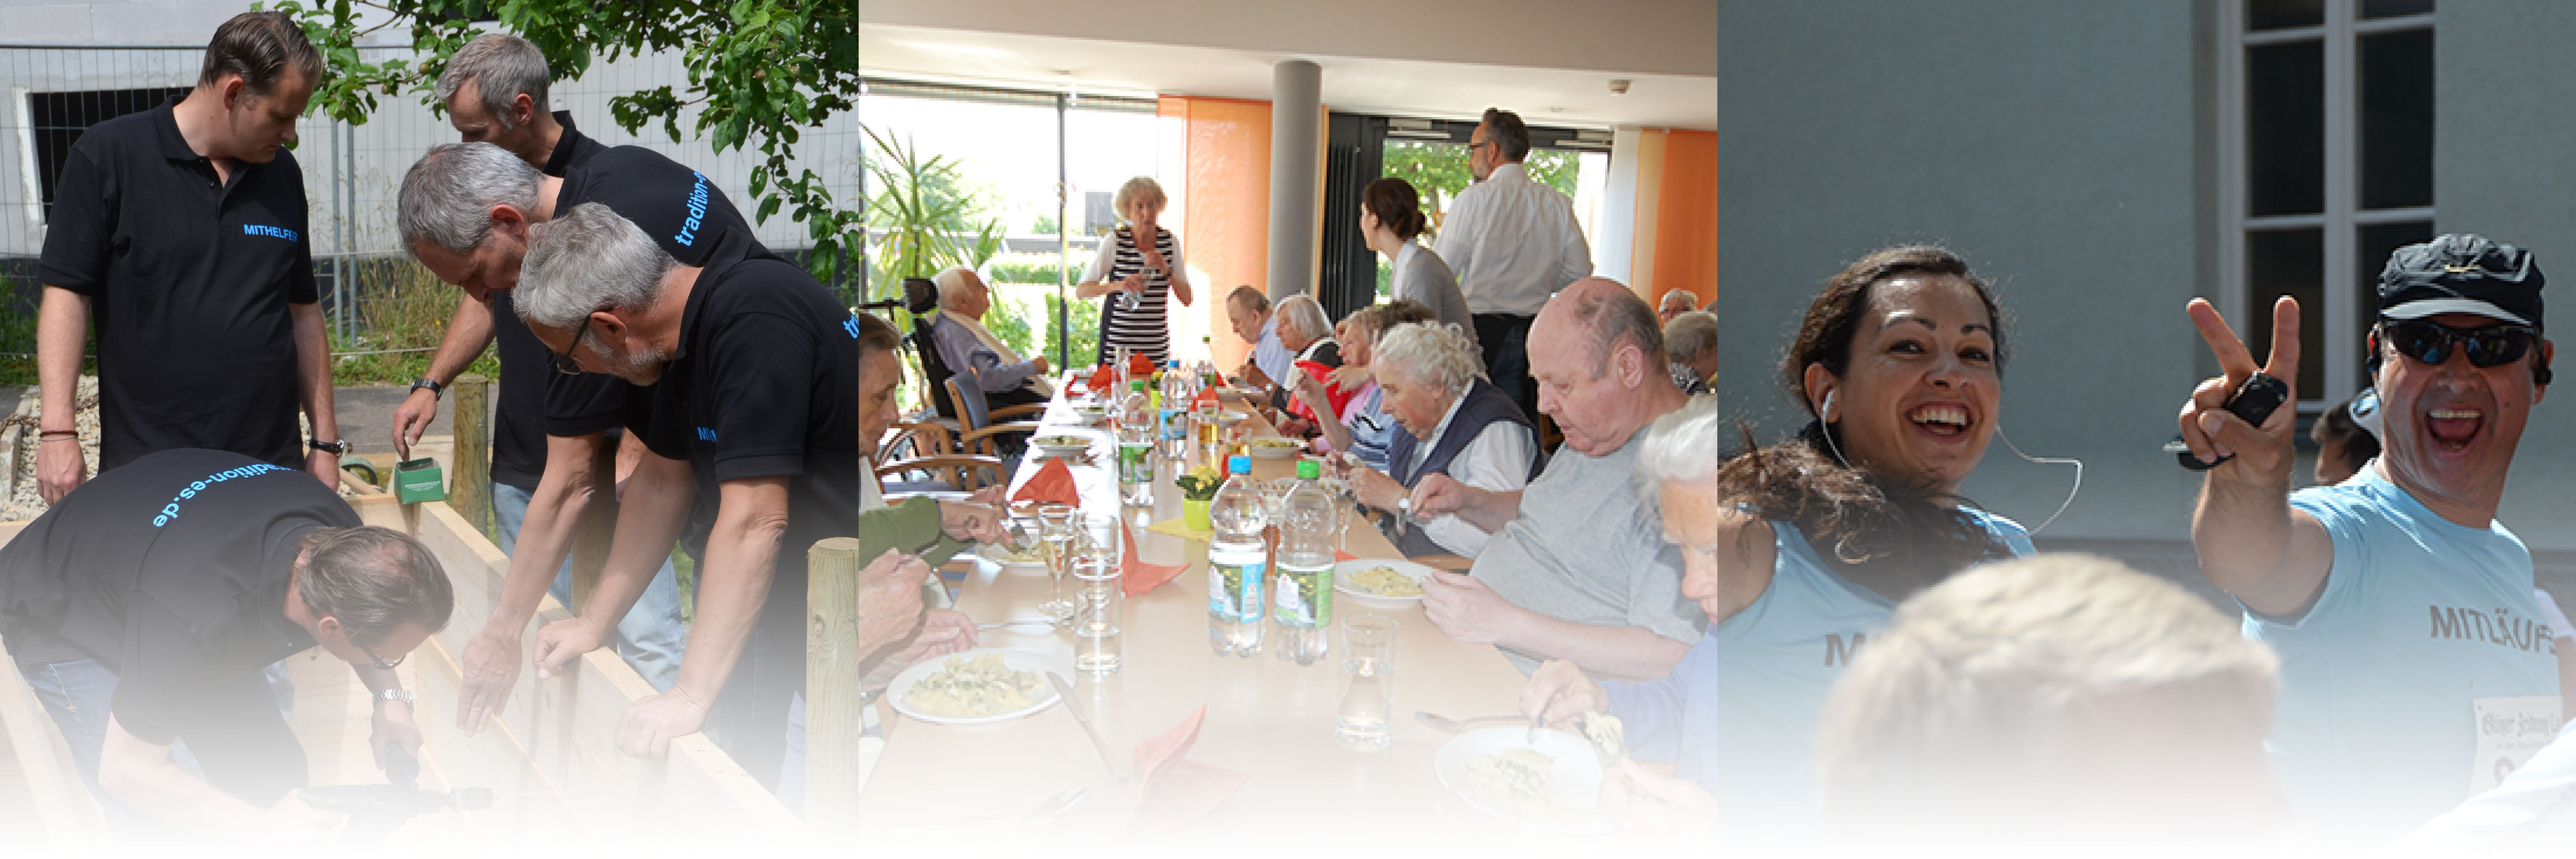 Sozial engagieren mit Unternehmer-Netzwerk aus Esslingen tradition-ES